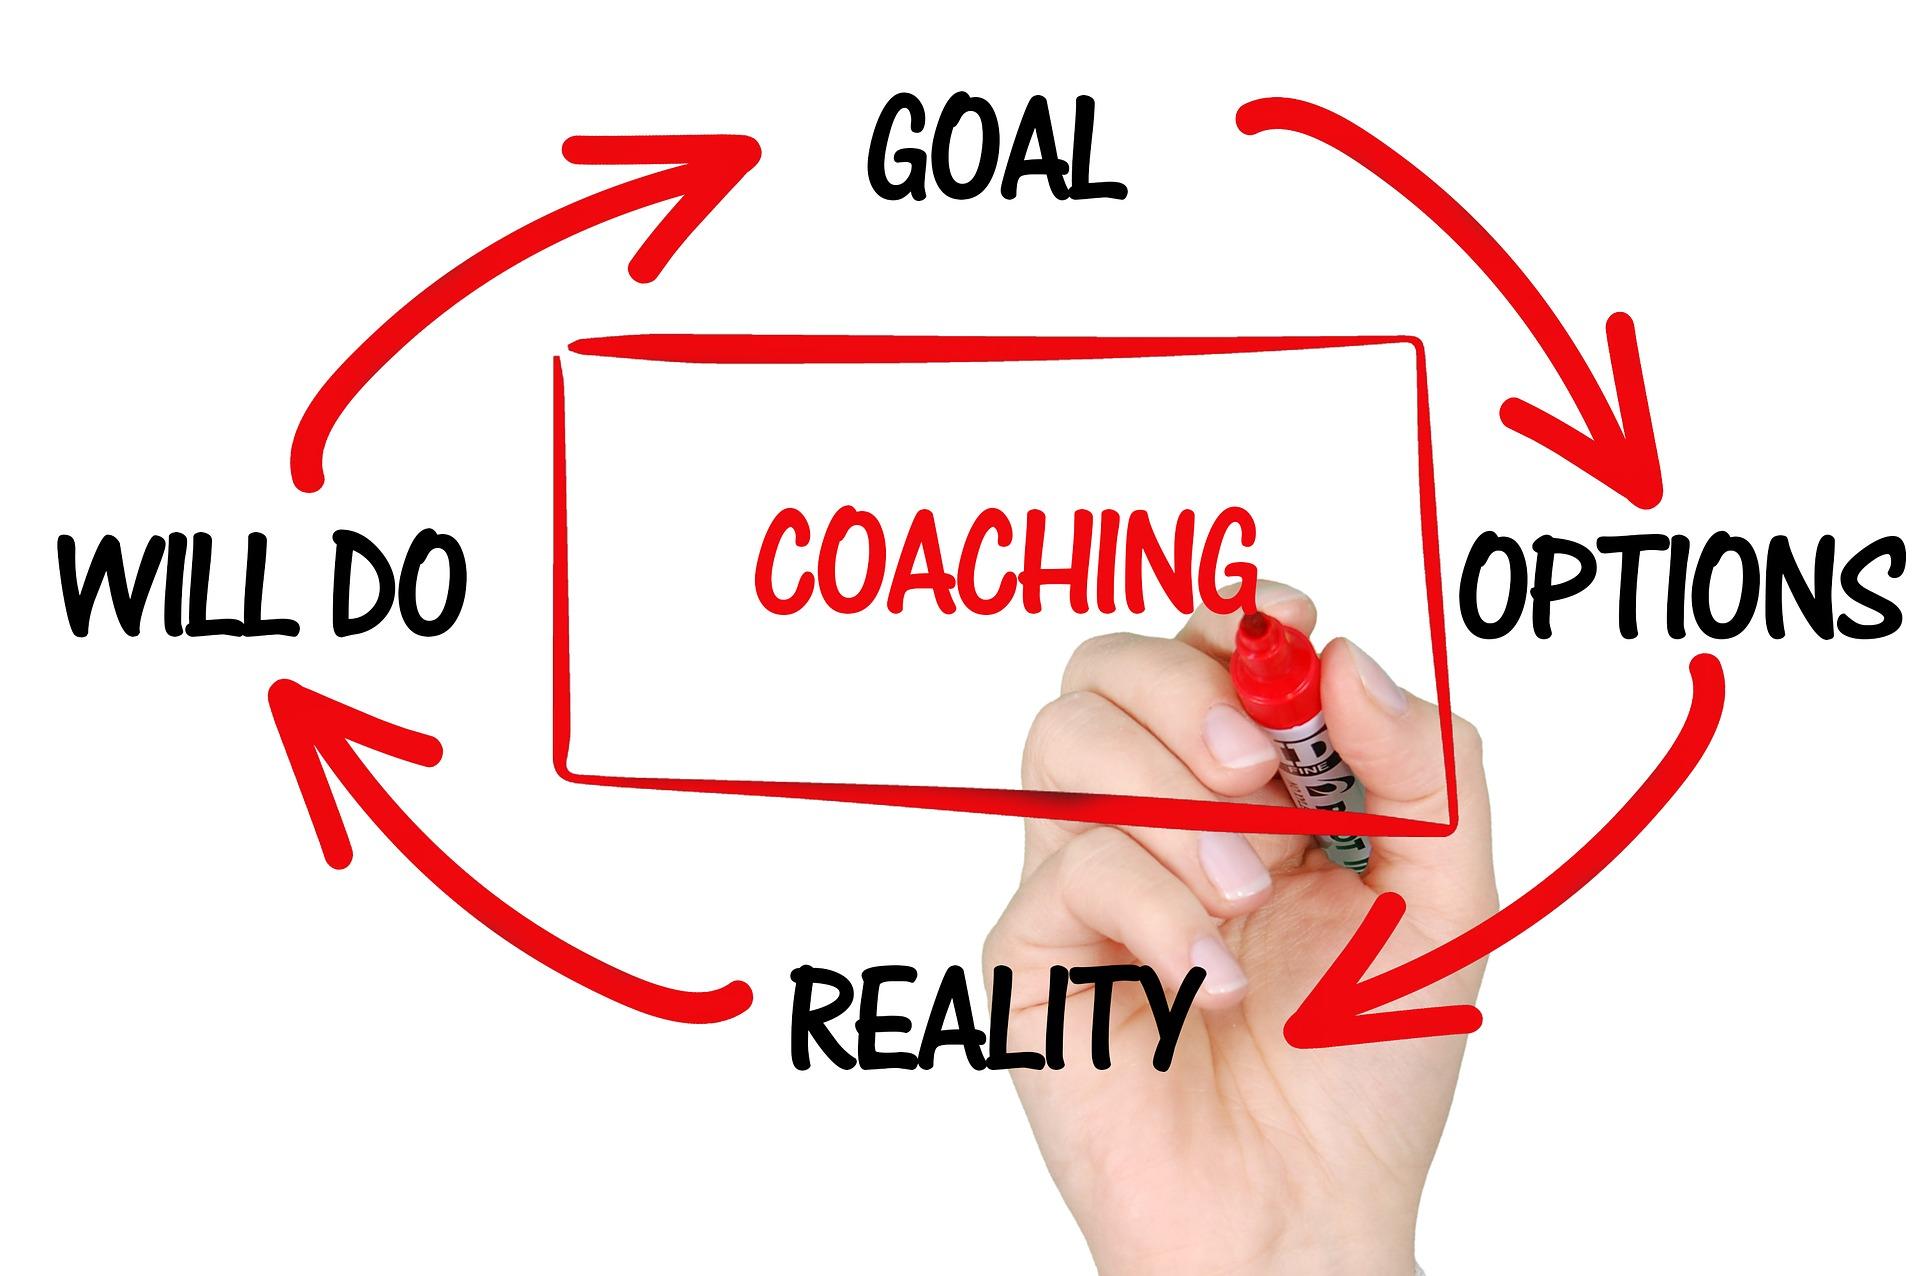 coaching-2738522_1920.jpg